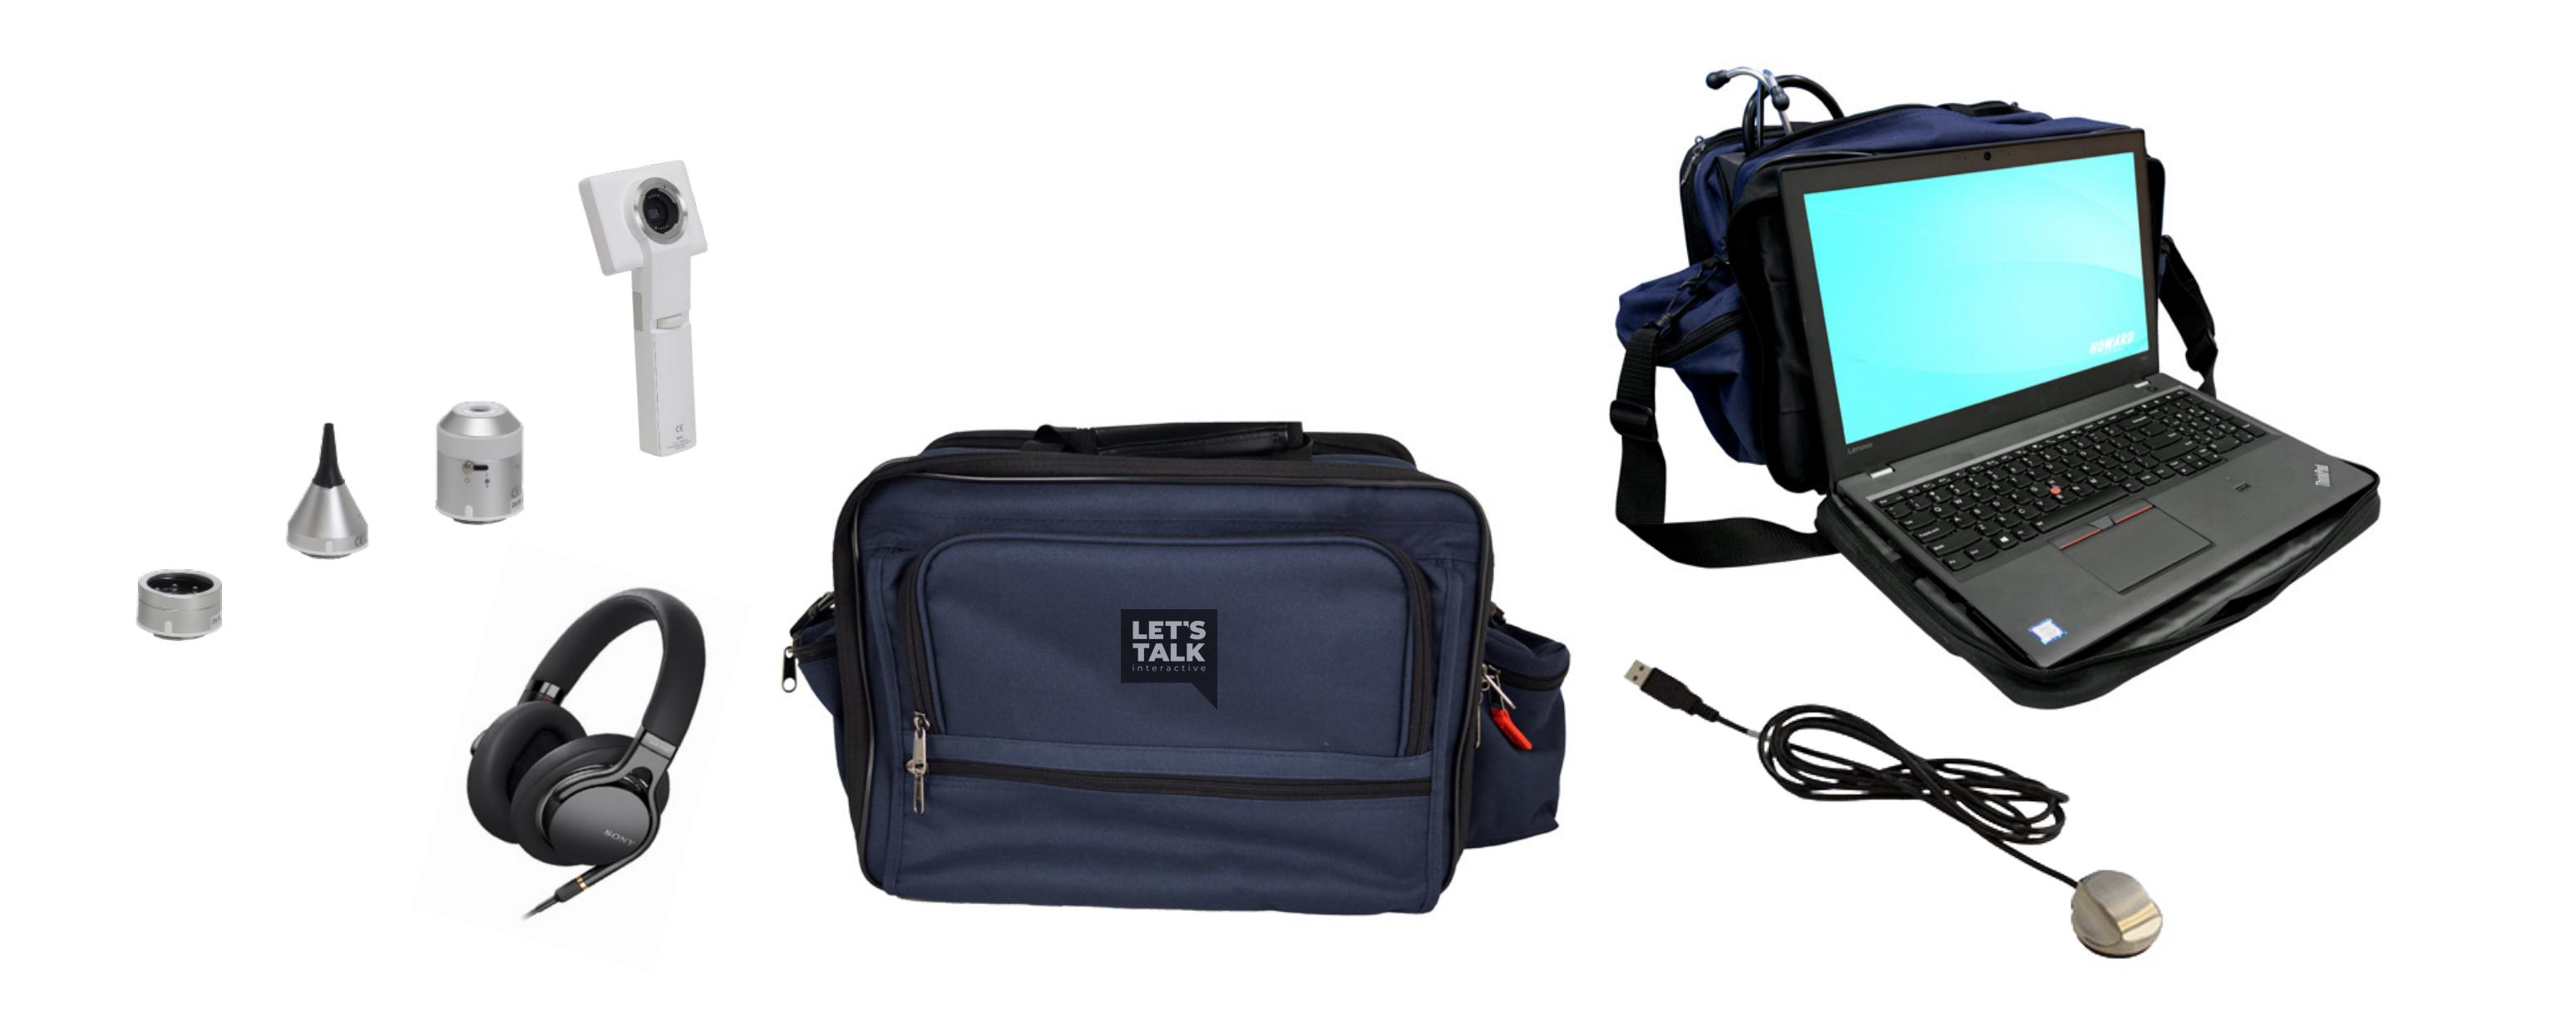 Headphone or bag portable holder Laptop holder or bag